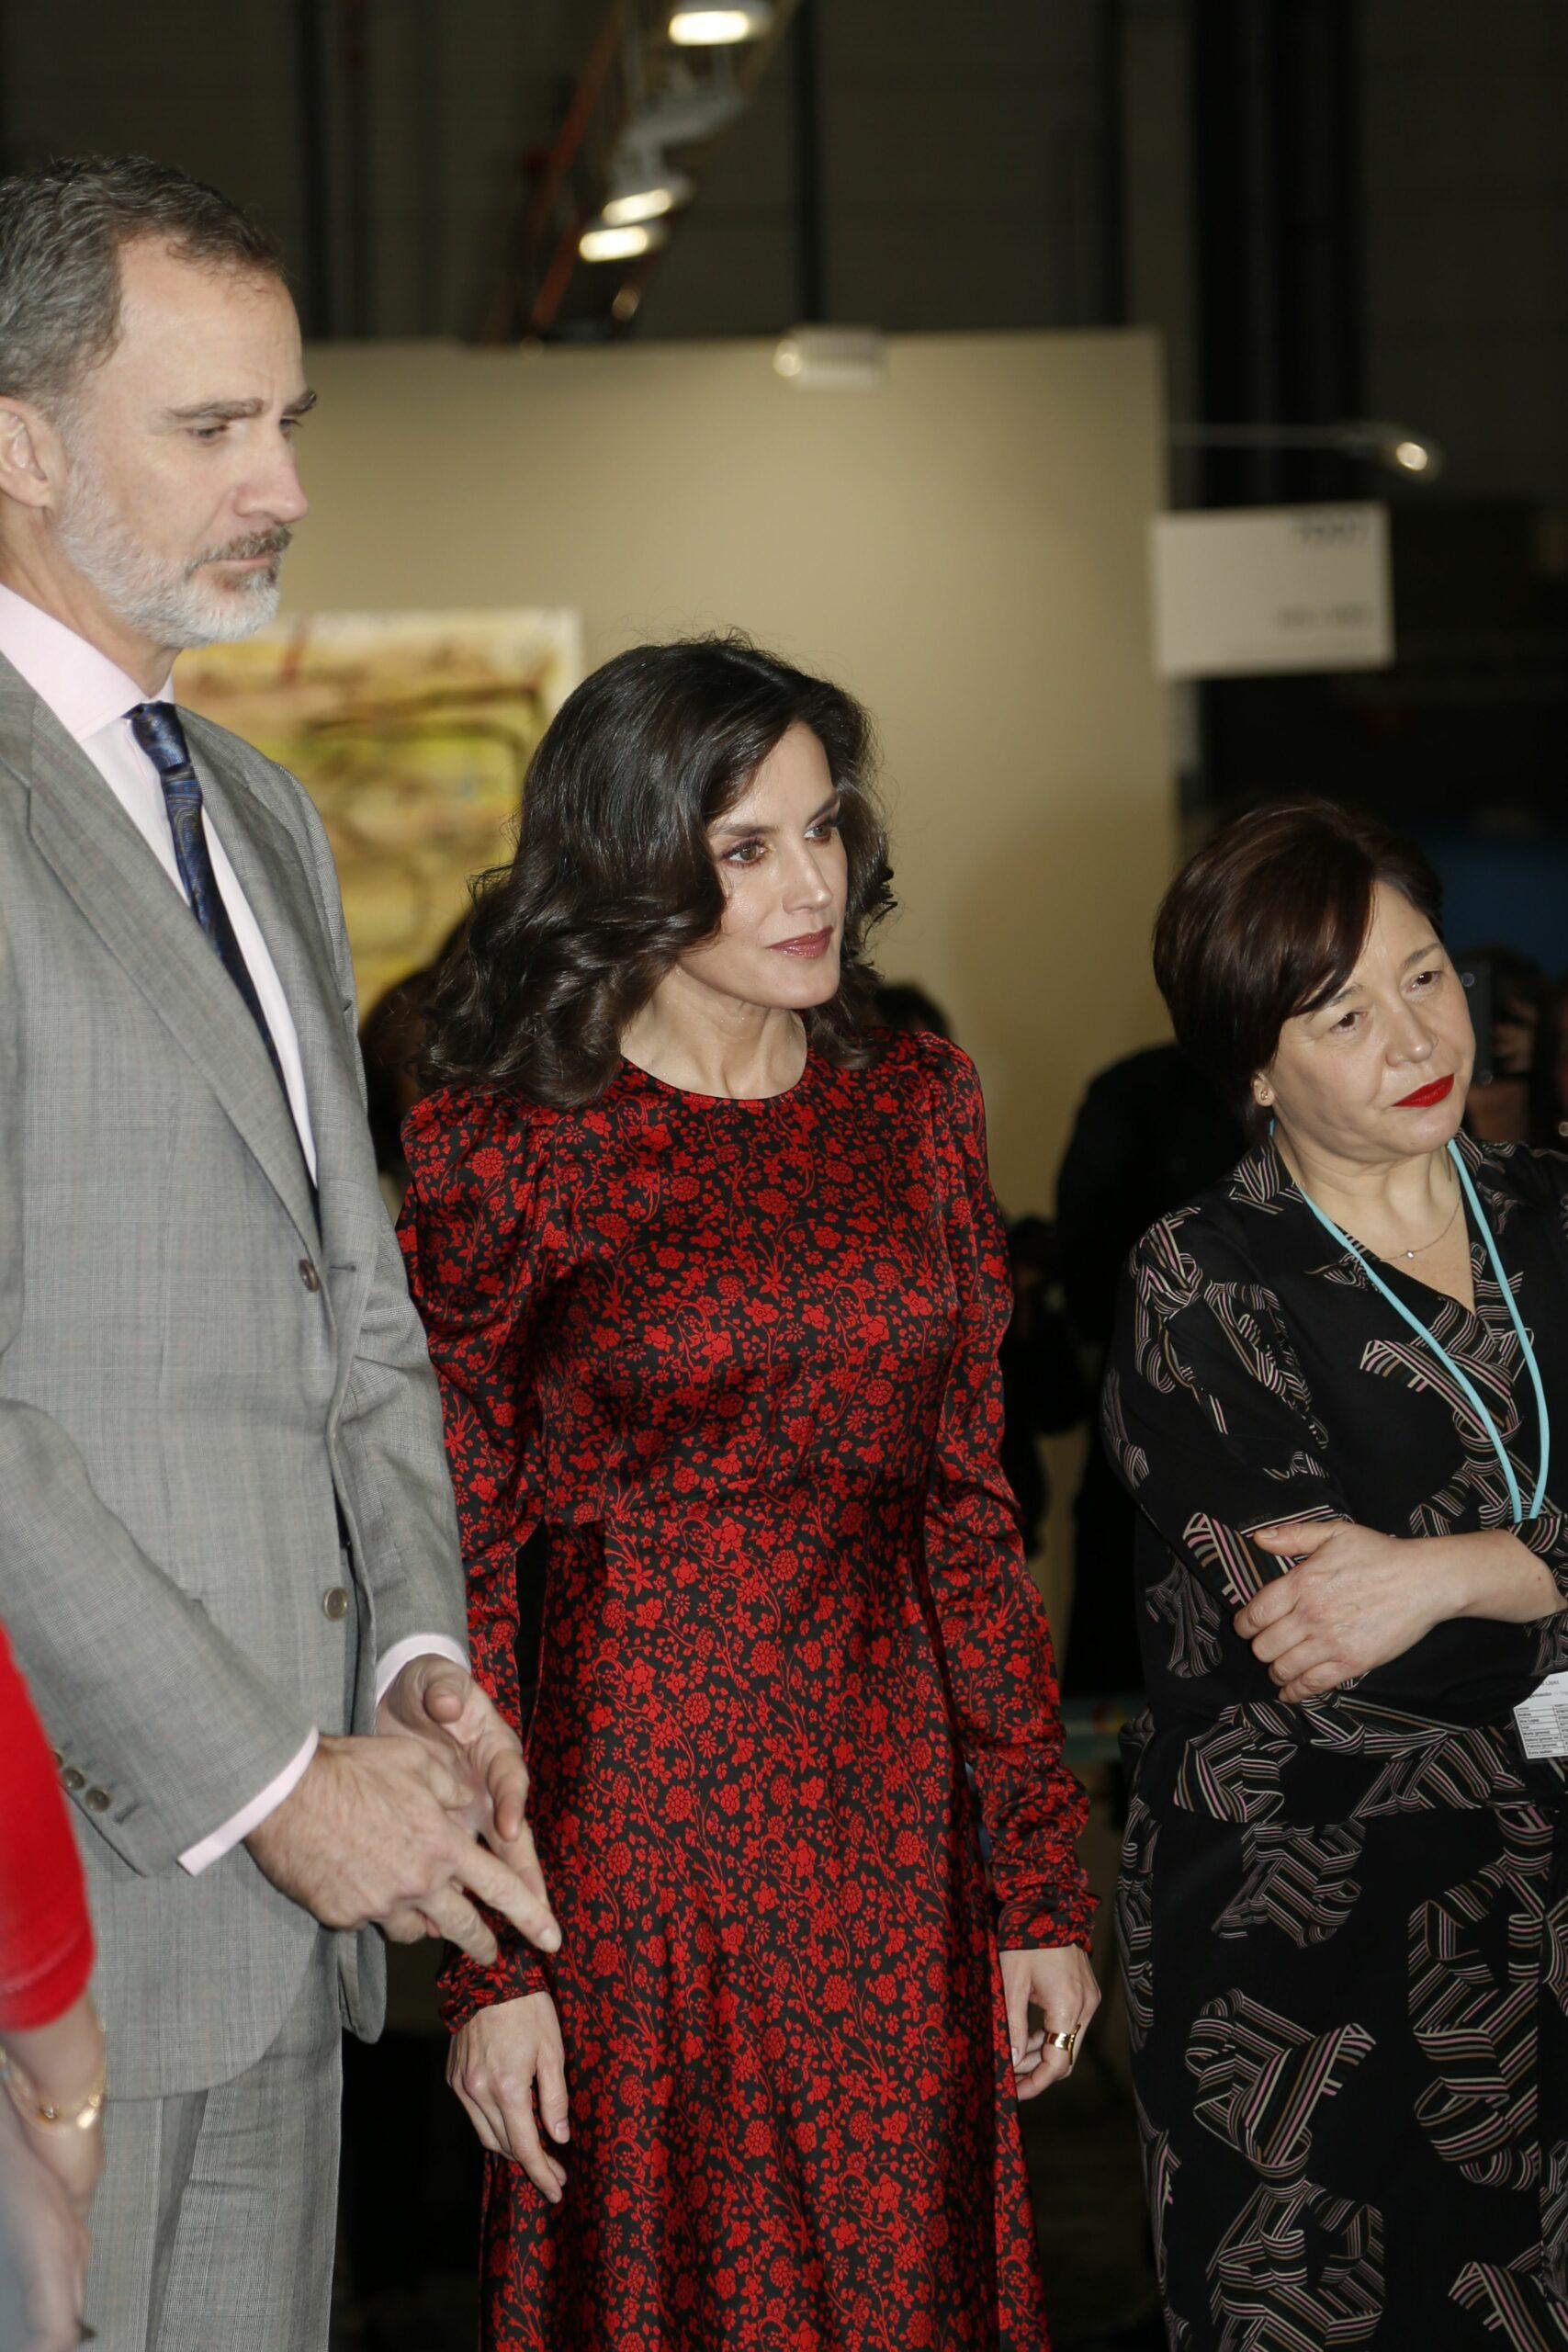 La reina Letícia sorprèn amb el vestit d'ARCO   Europa Press